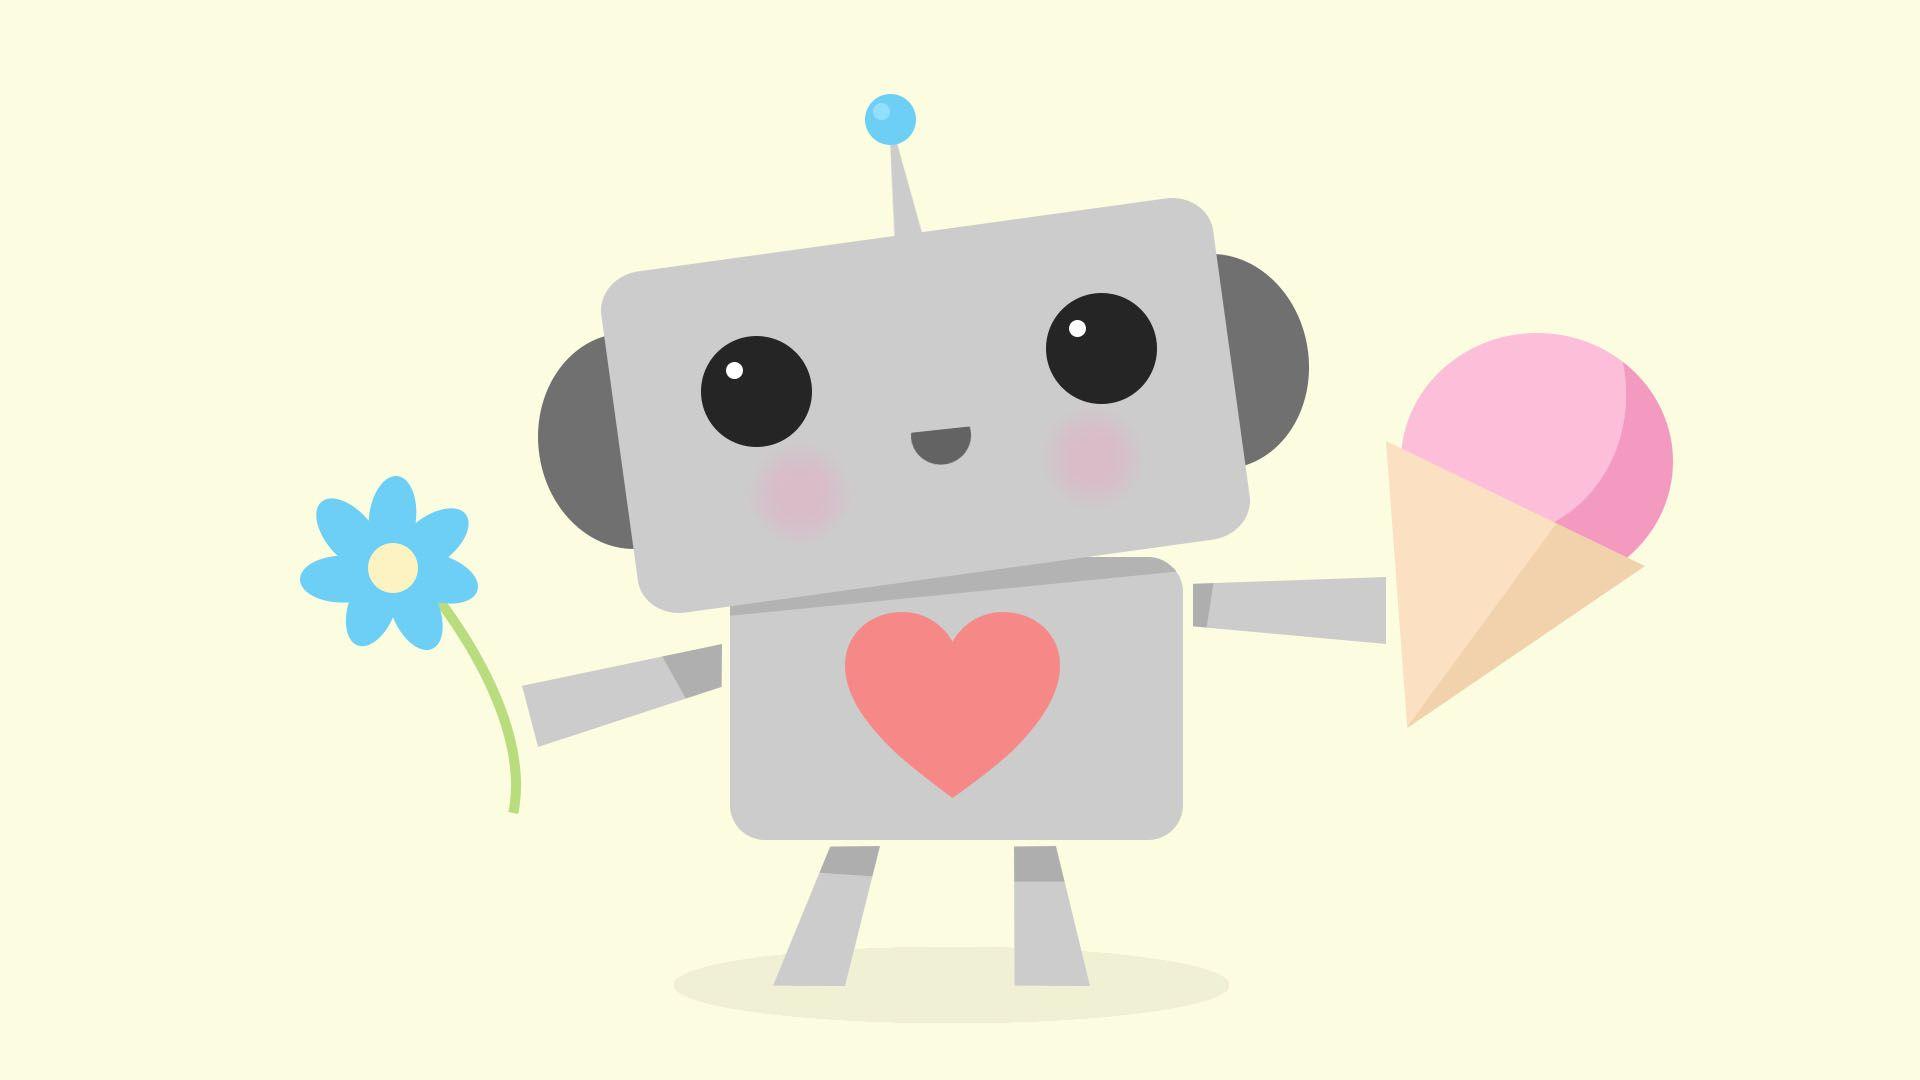 A very cute robot